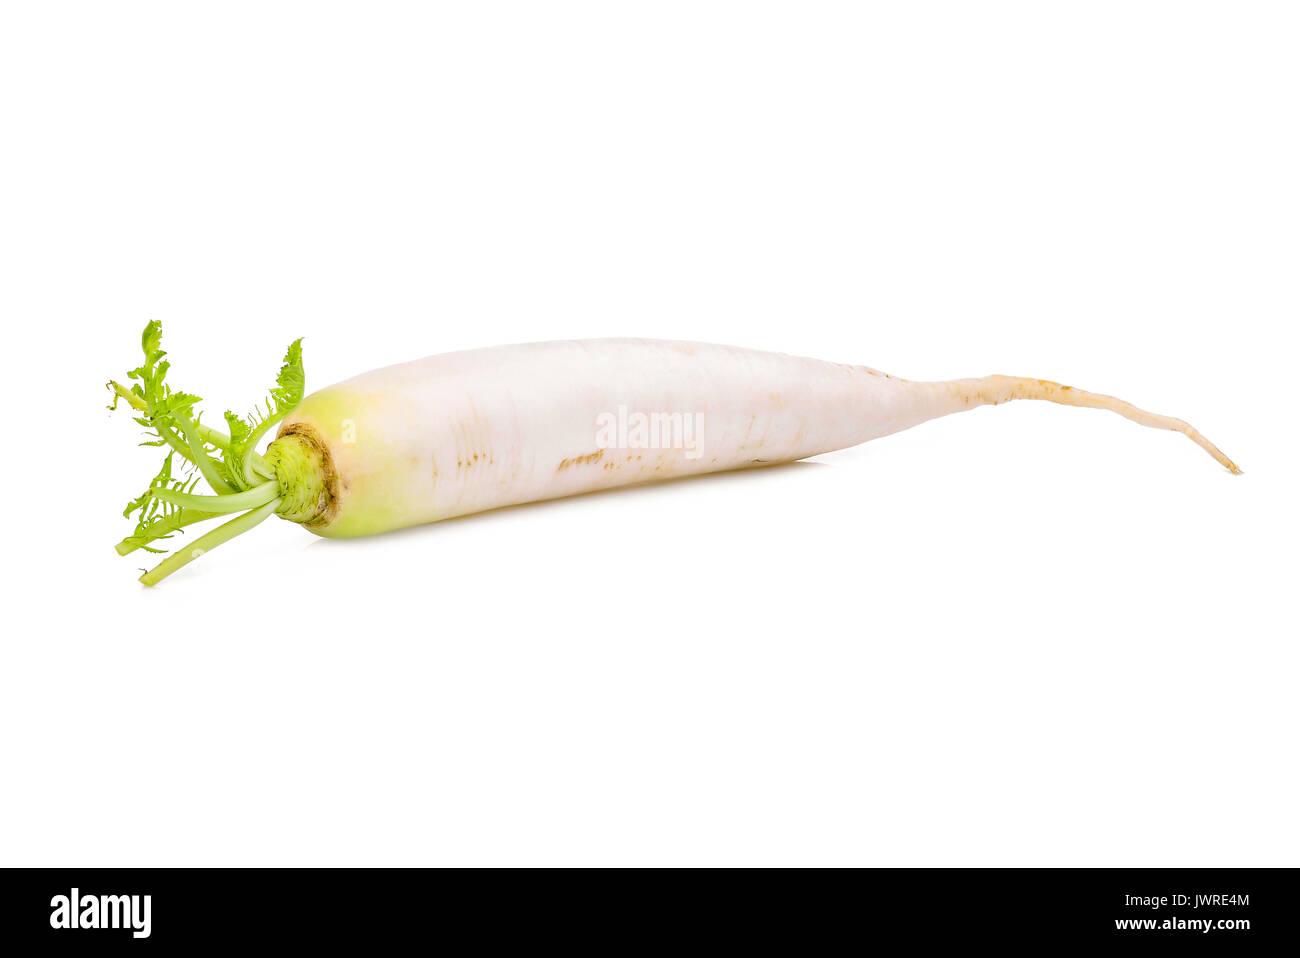 single fresh daikon radish isolated on the white background - Stock Image